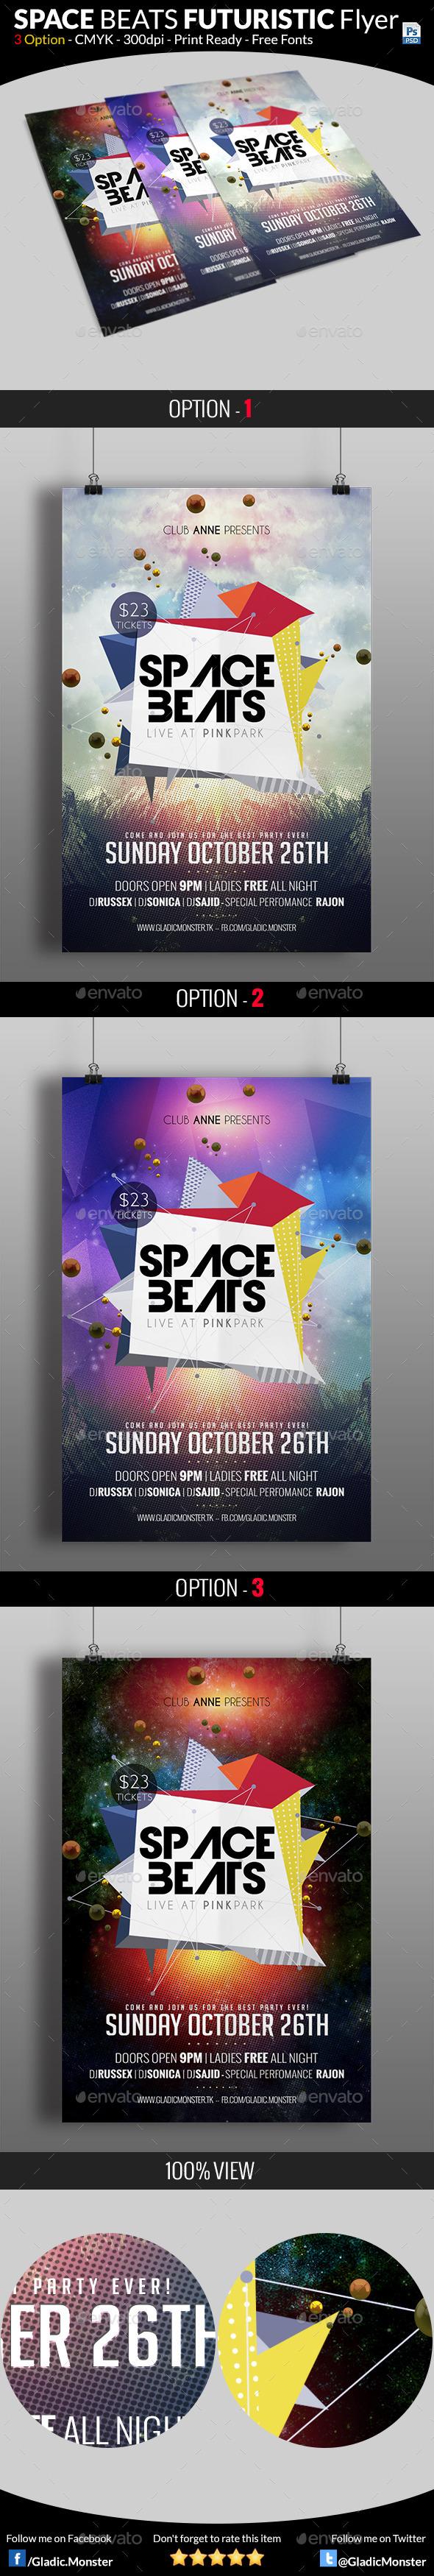 GraphicRiver Space Beats Futuristic Flyer 8854162